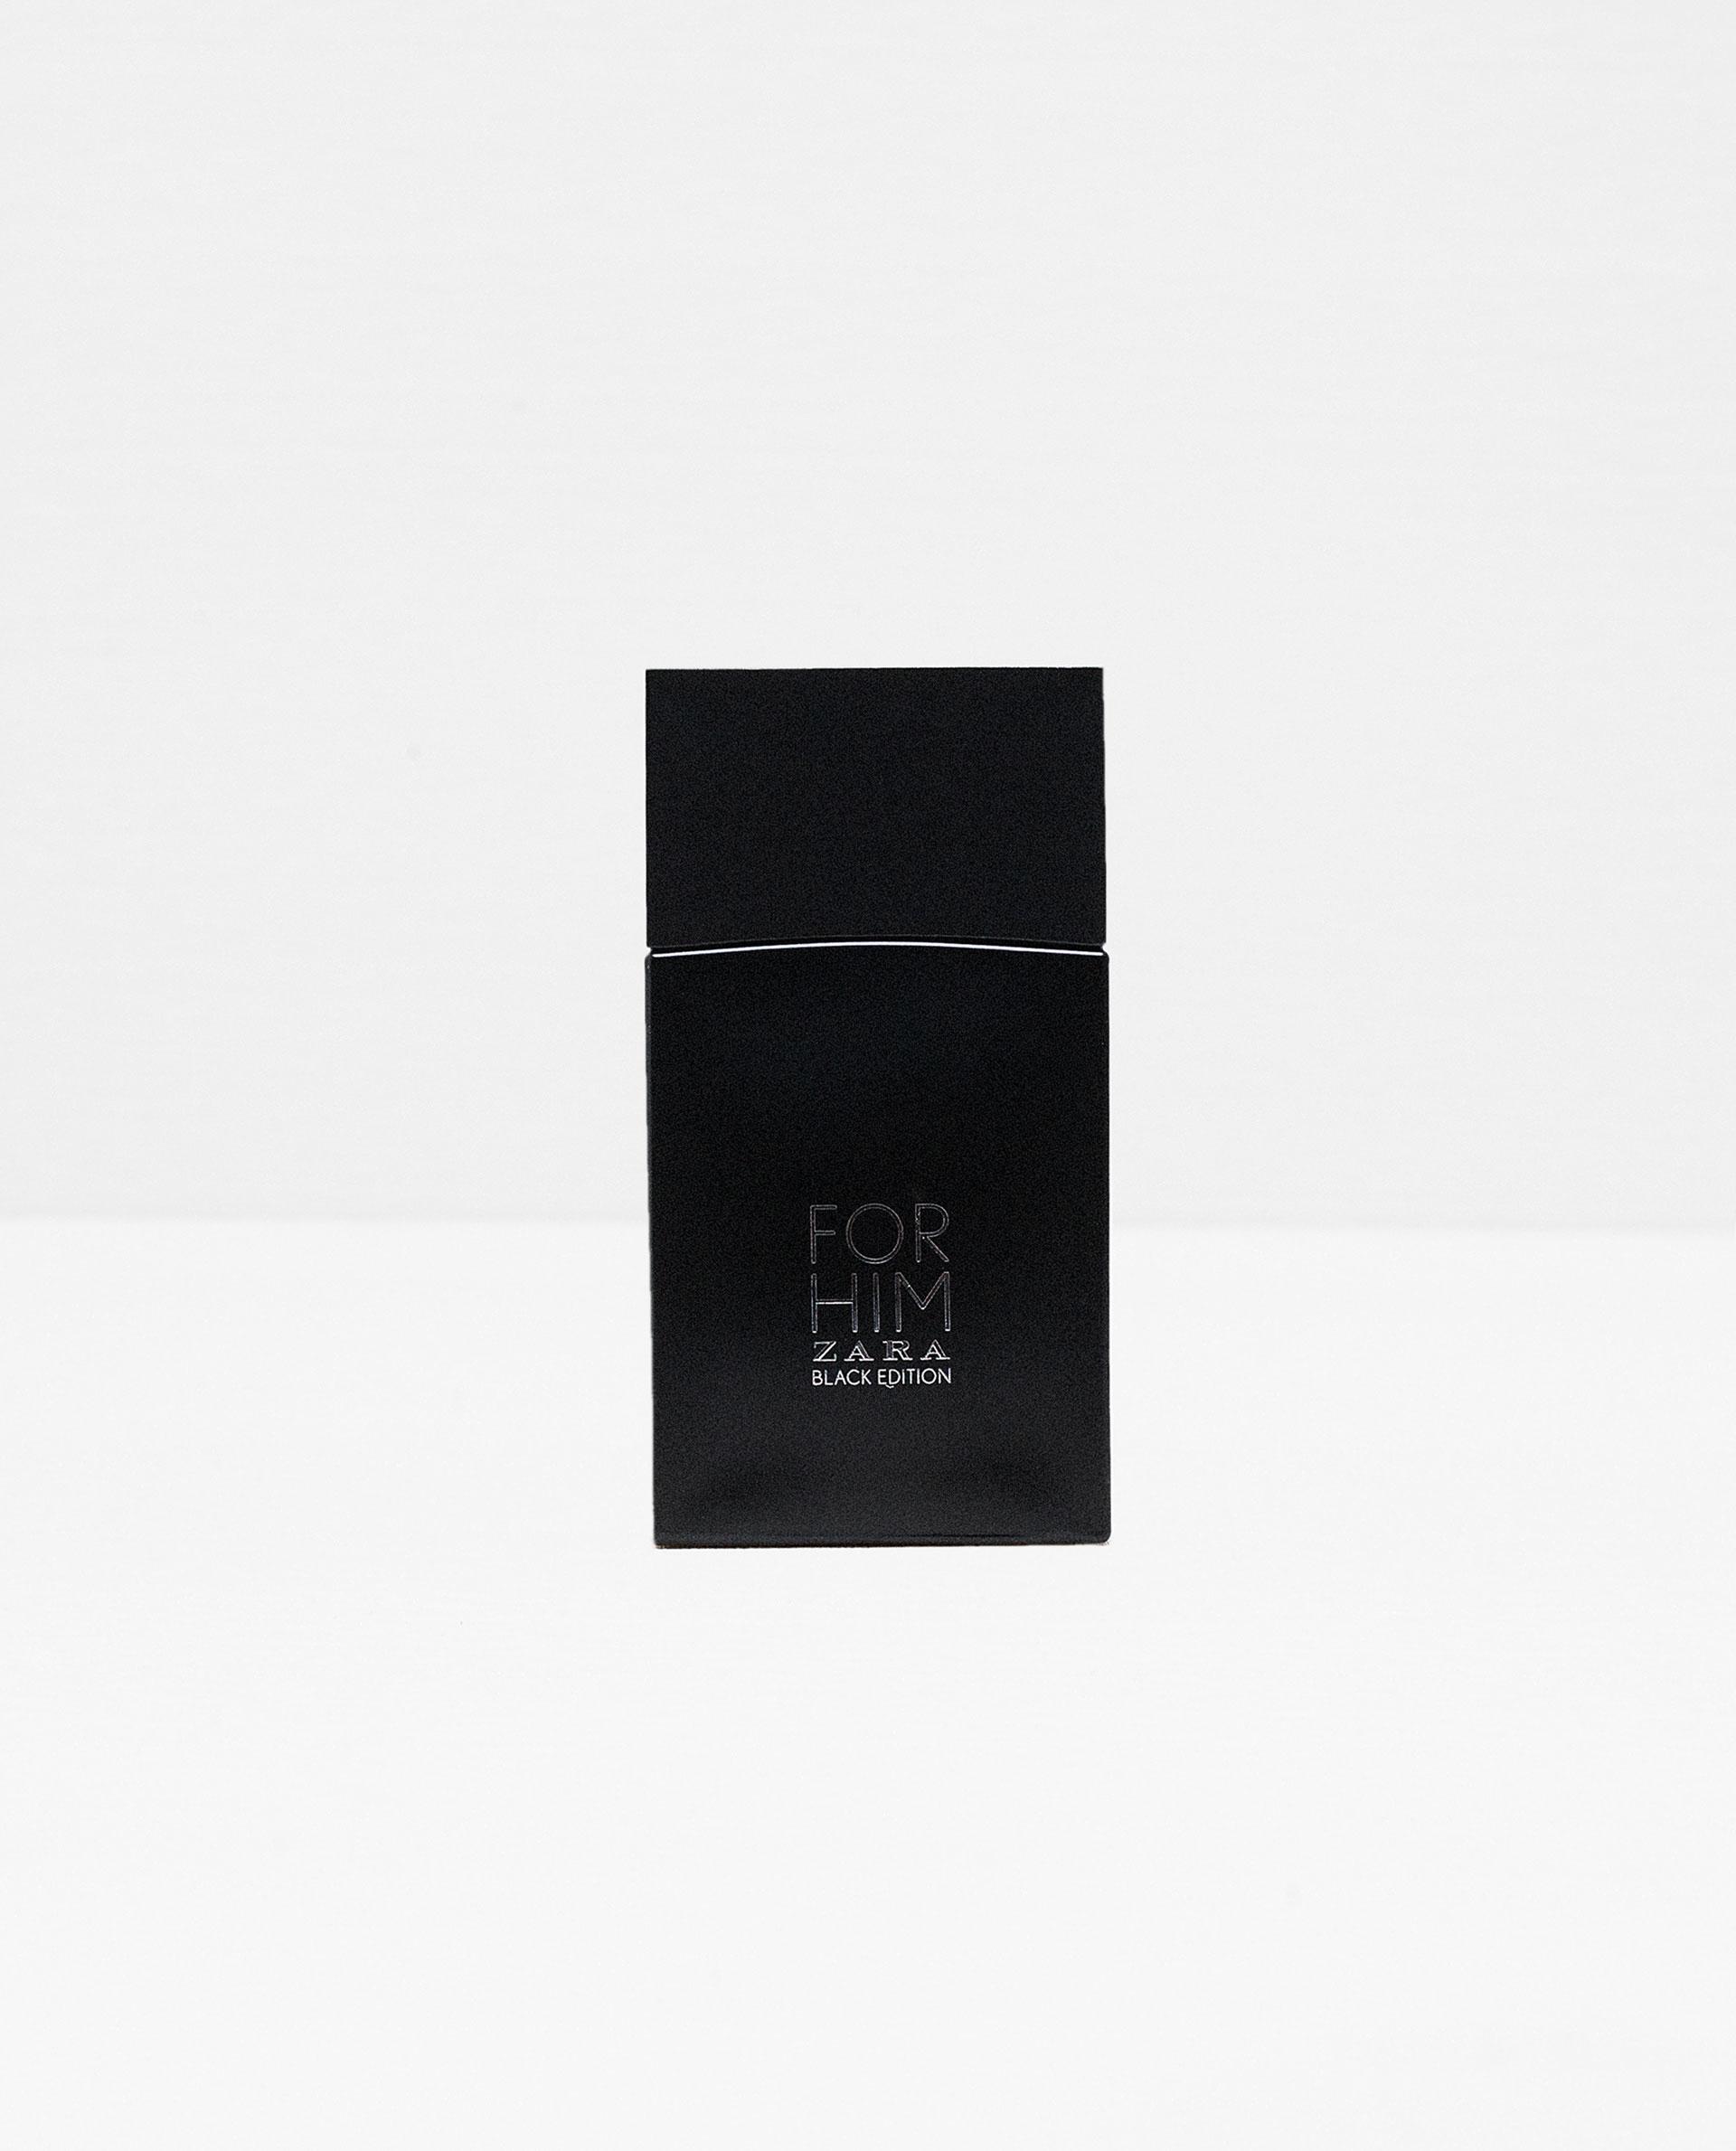 Zara For Him Black Edition Zara for men